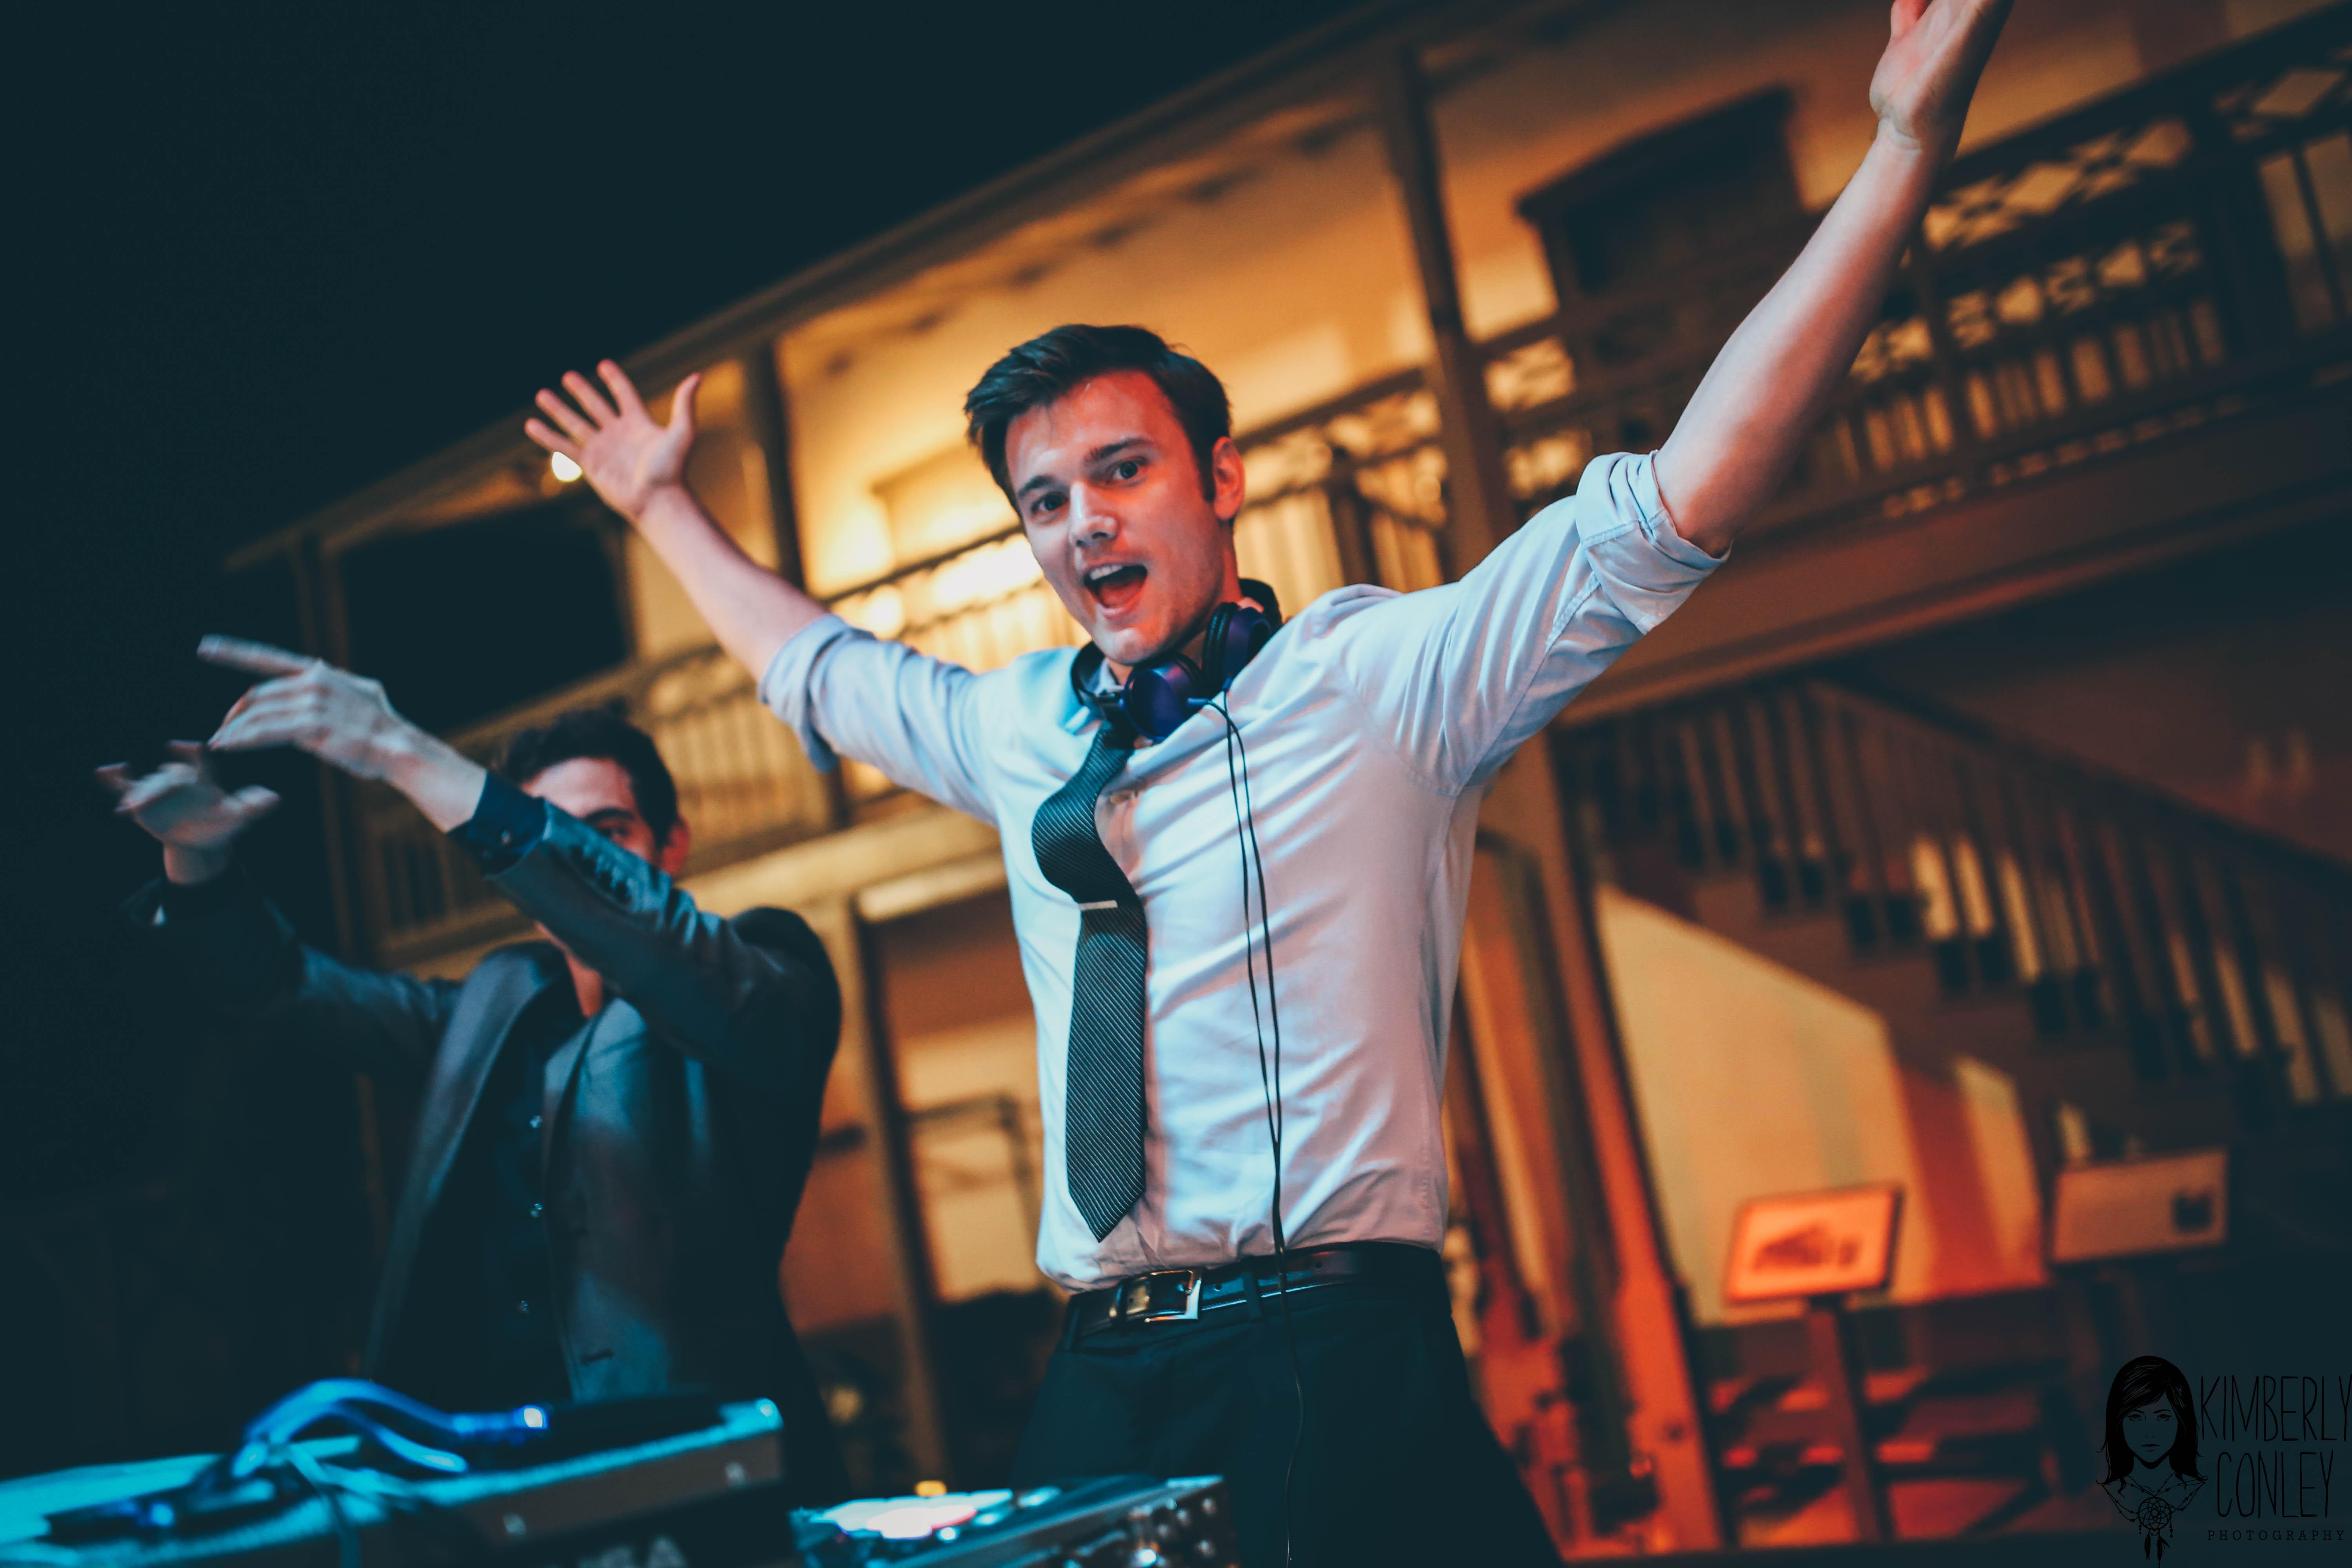 DJ Jack Farmer - DJ Jack Farmer